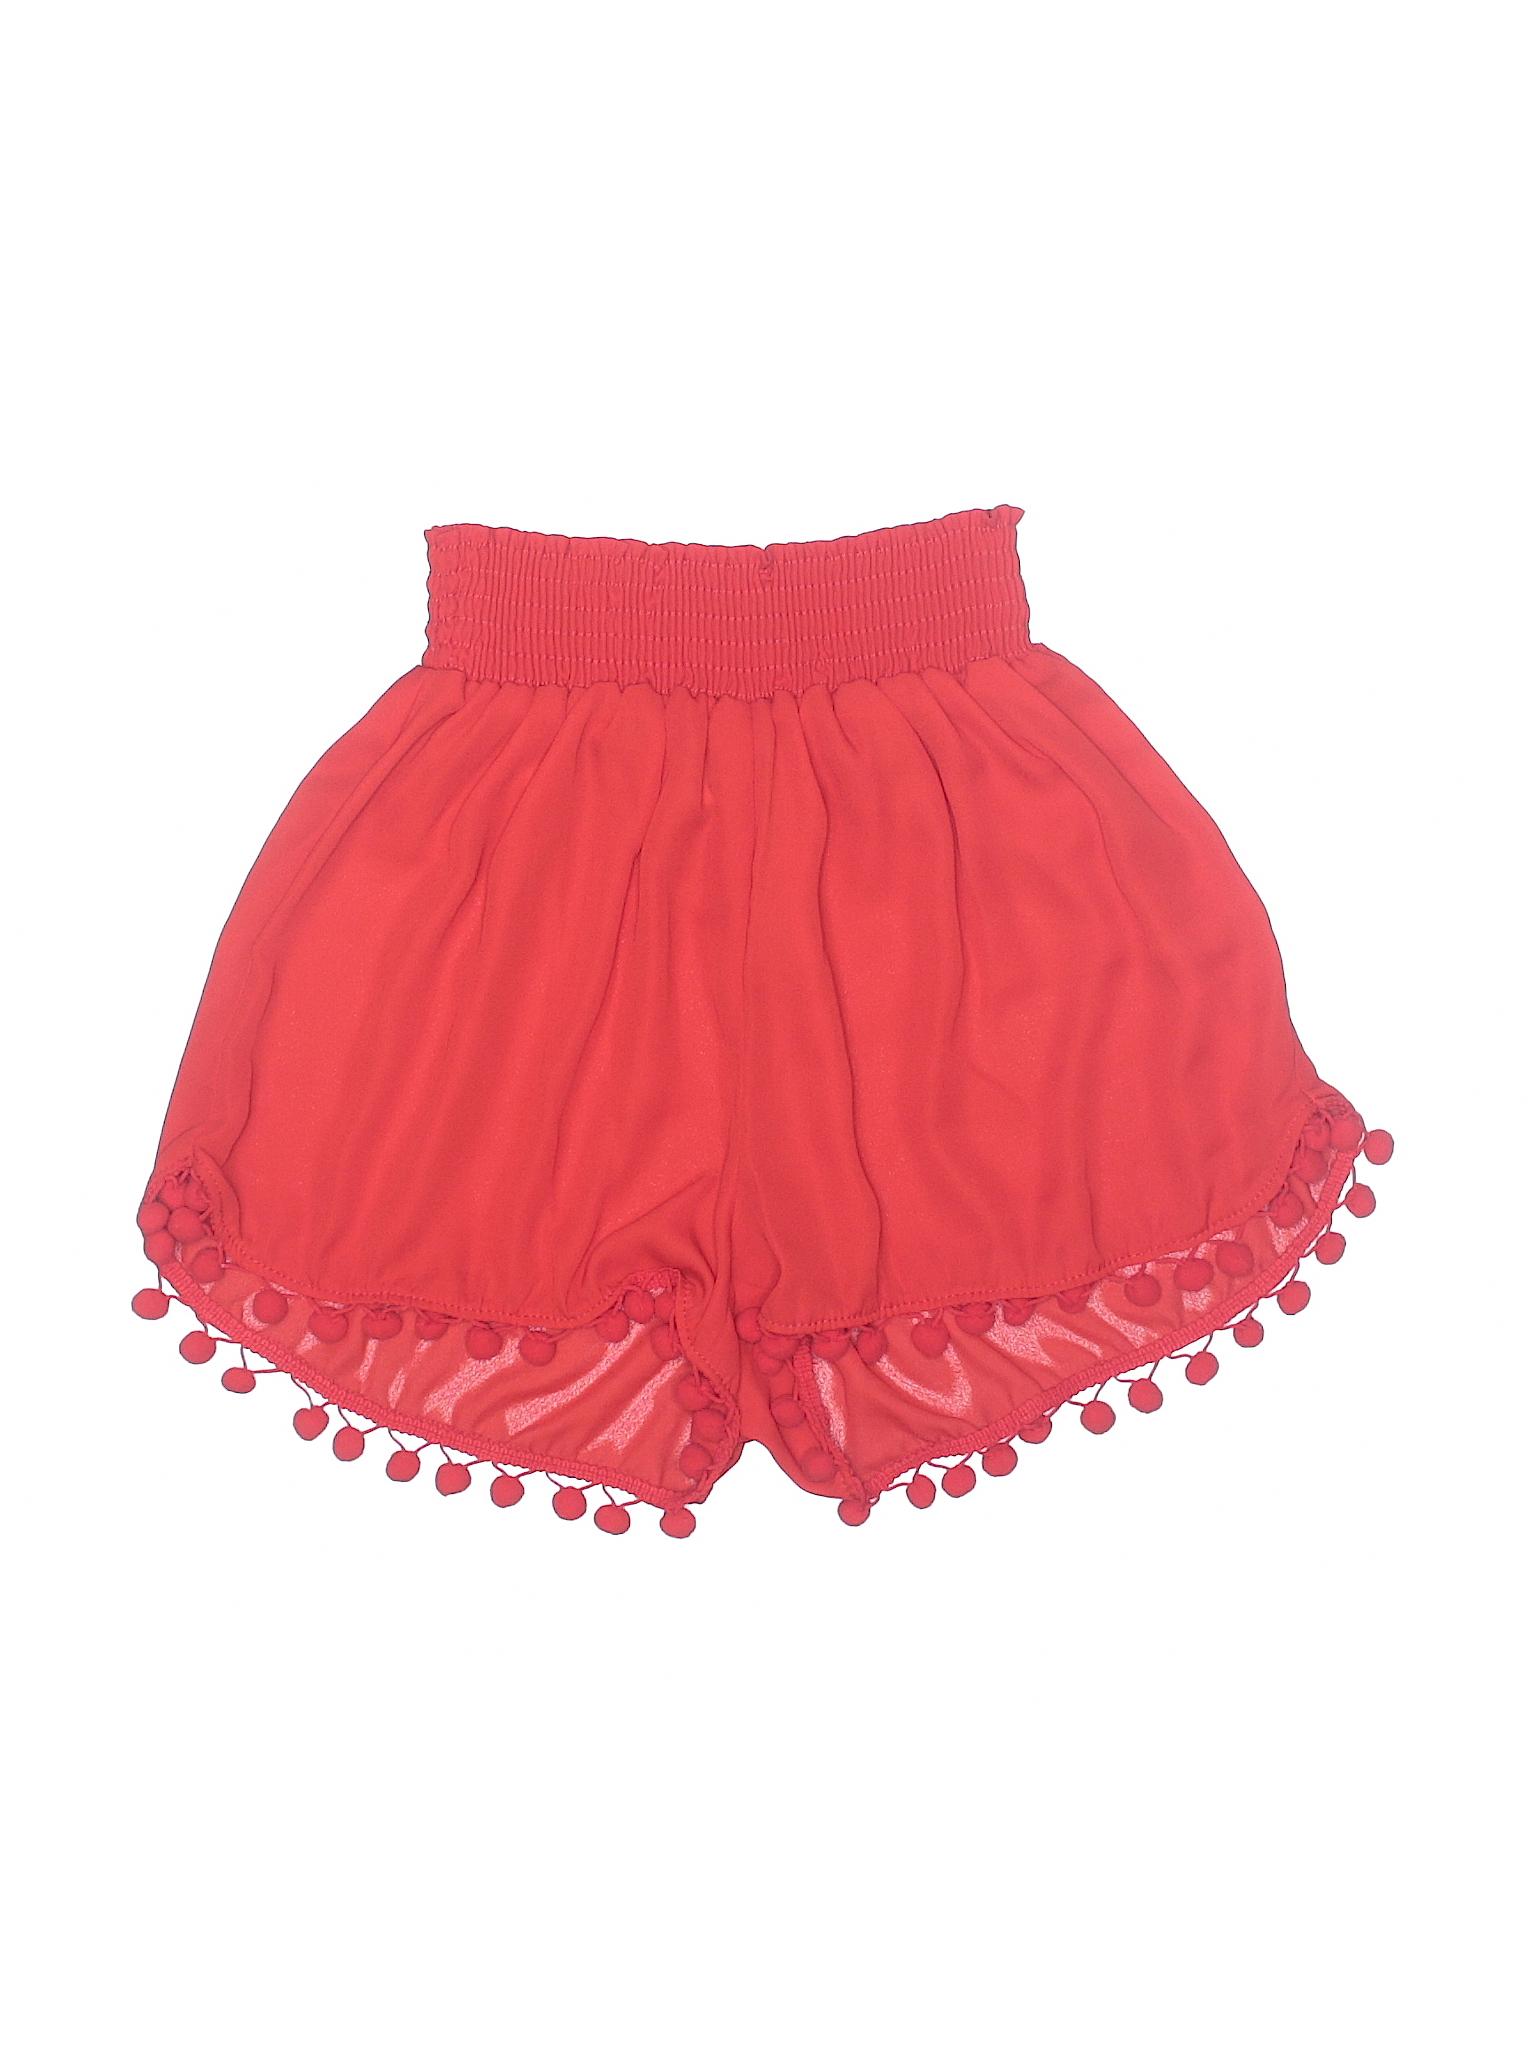 Mumu Your Me Shorts Dressy Show Boutique wqCxzqTEt